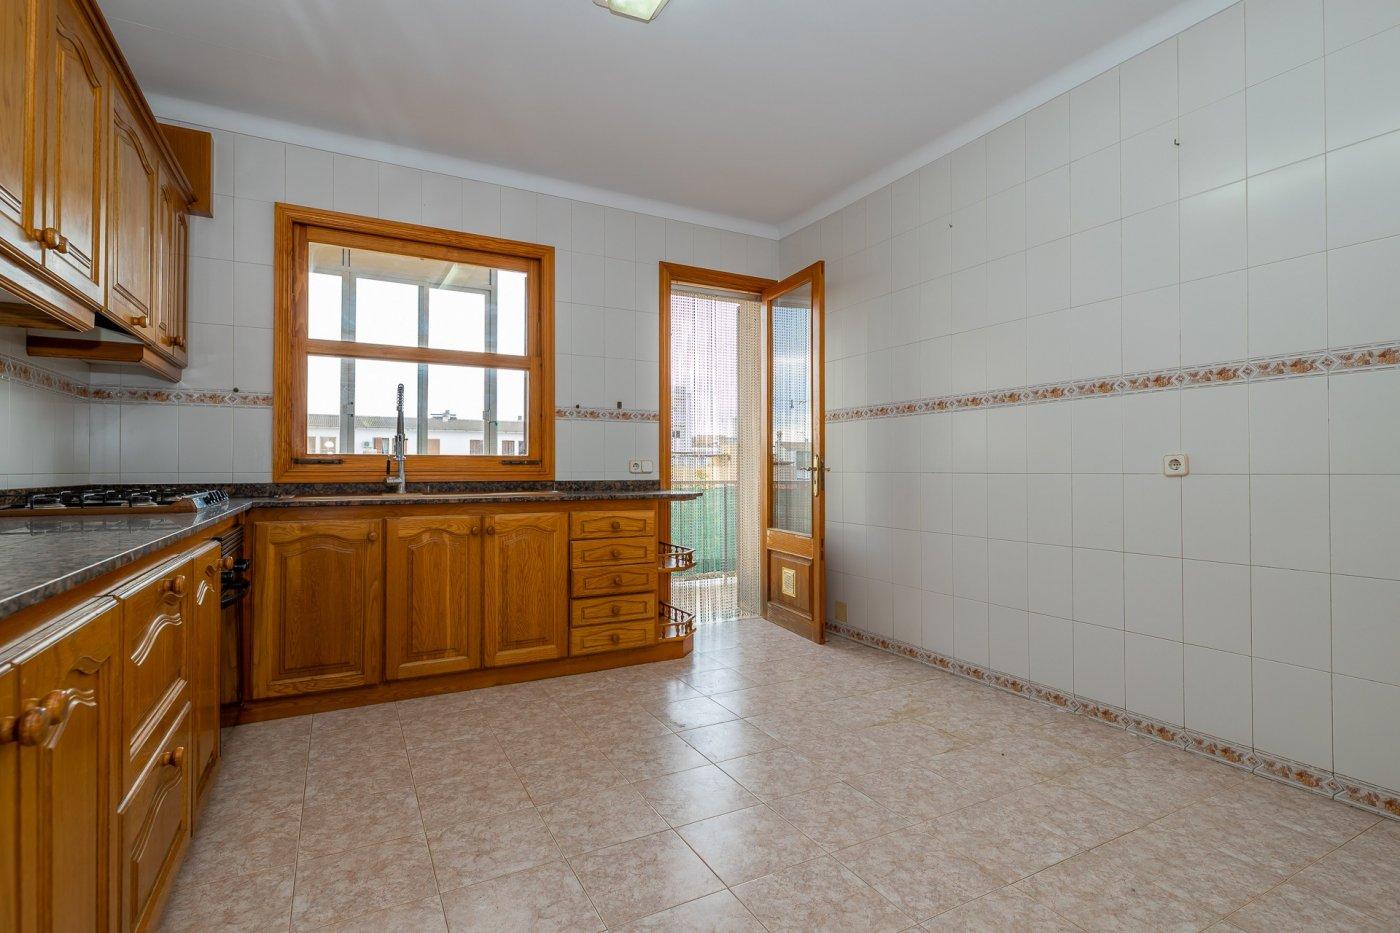 Planta baja y sala adicional de 95 m² con patio de 160 m² - imagenInmueble1